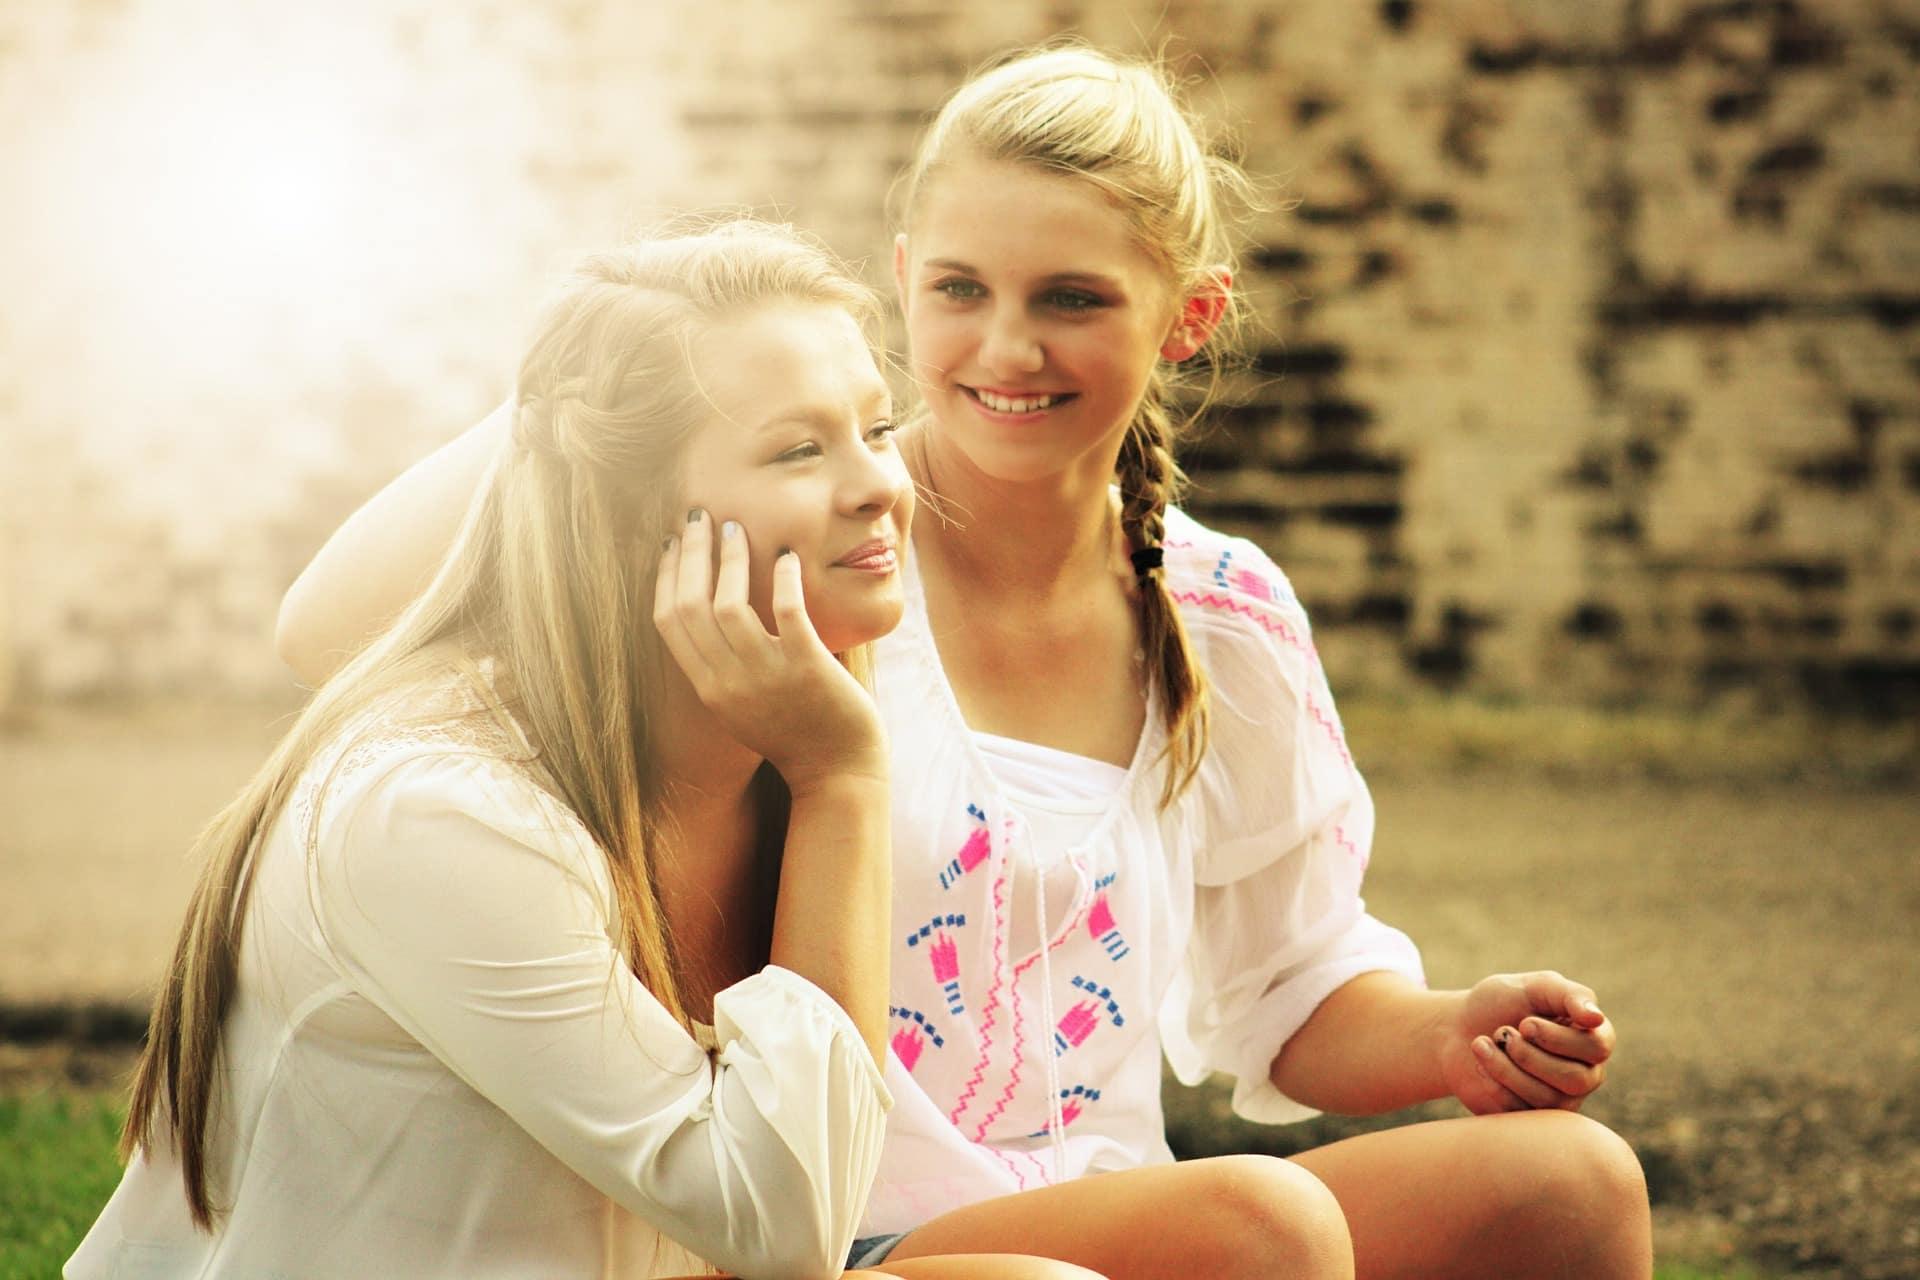 Liebeskummer durch Gespräch mit Freundin überwinden